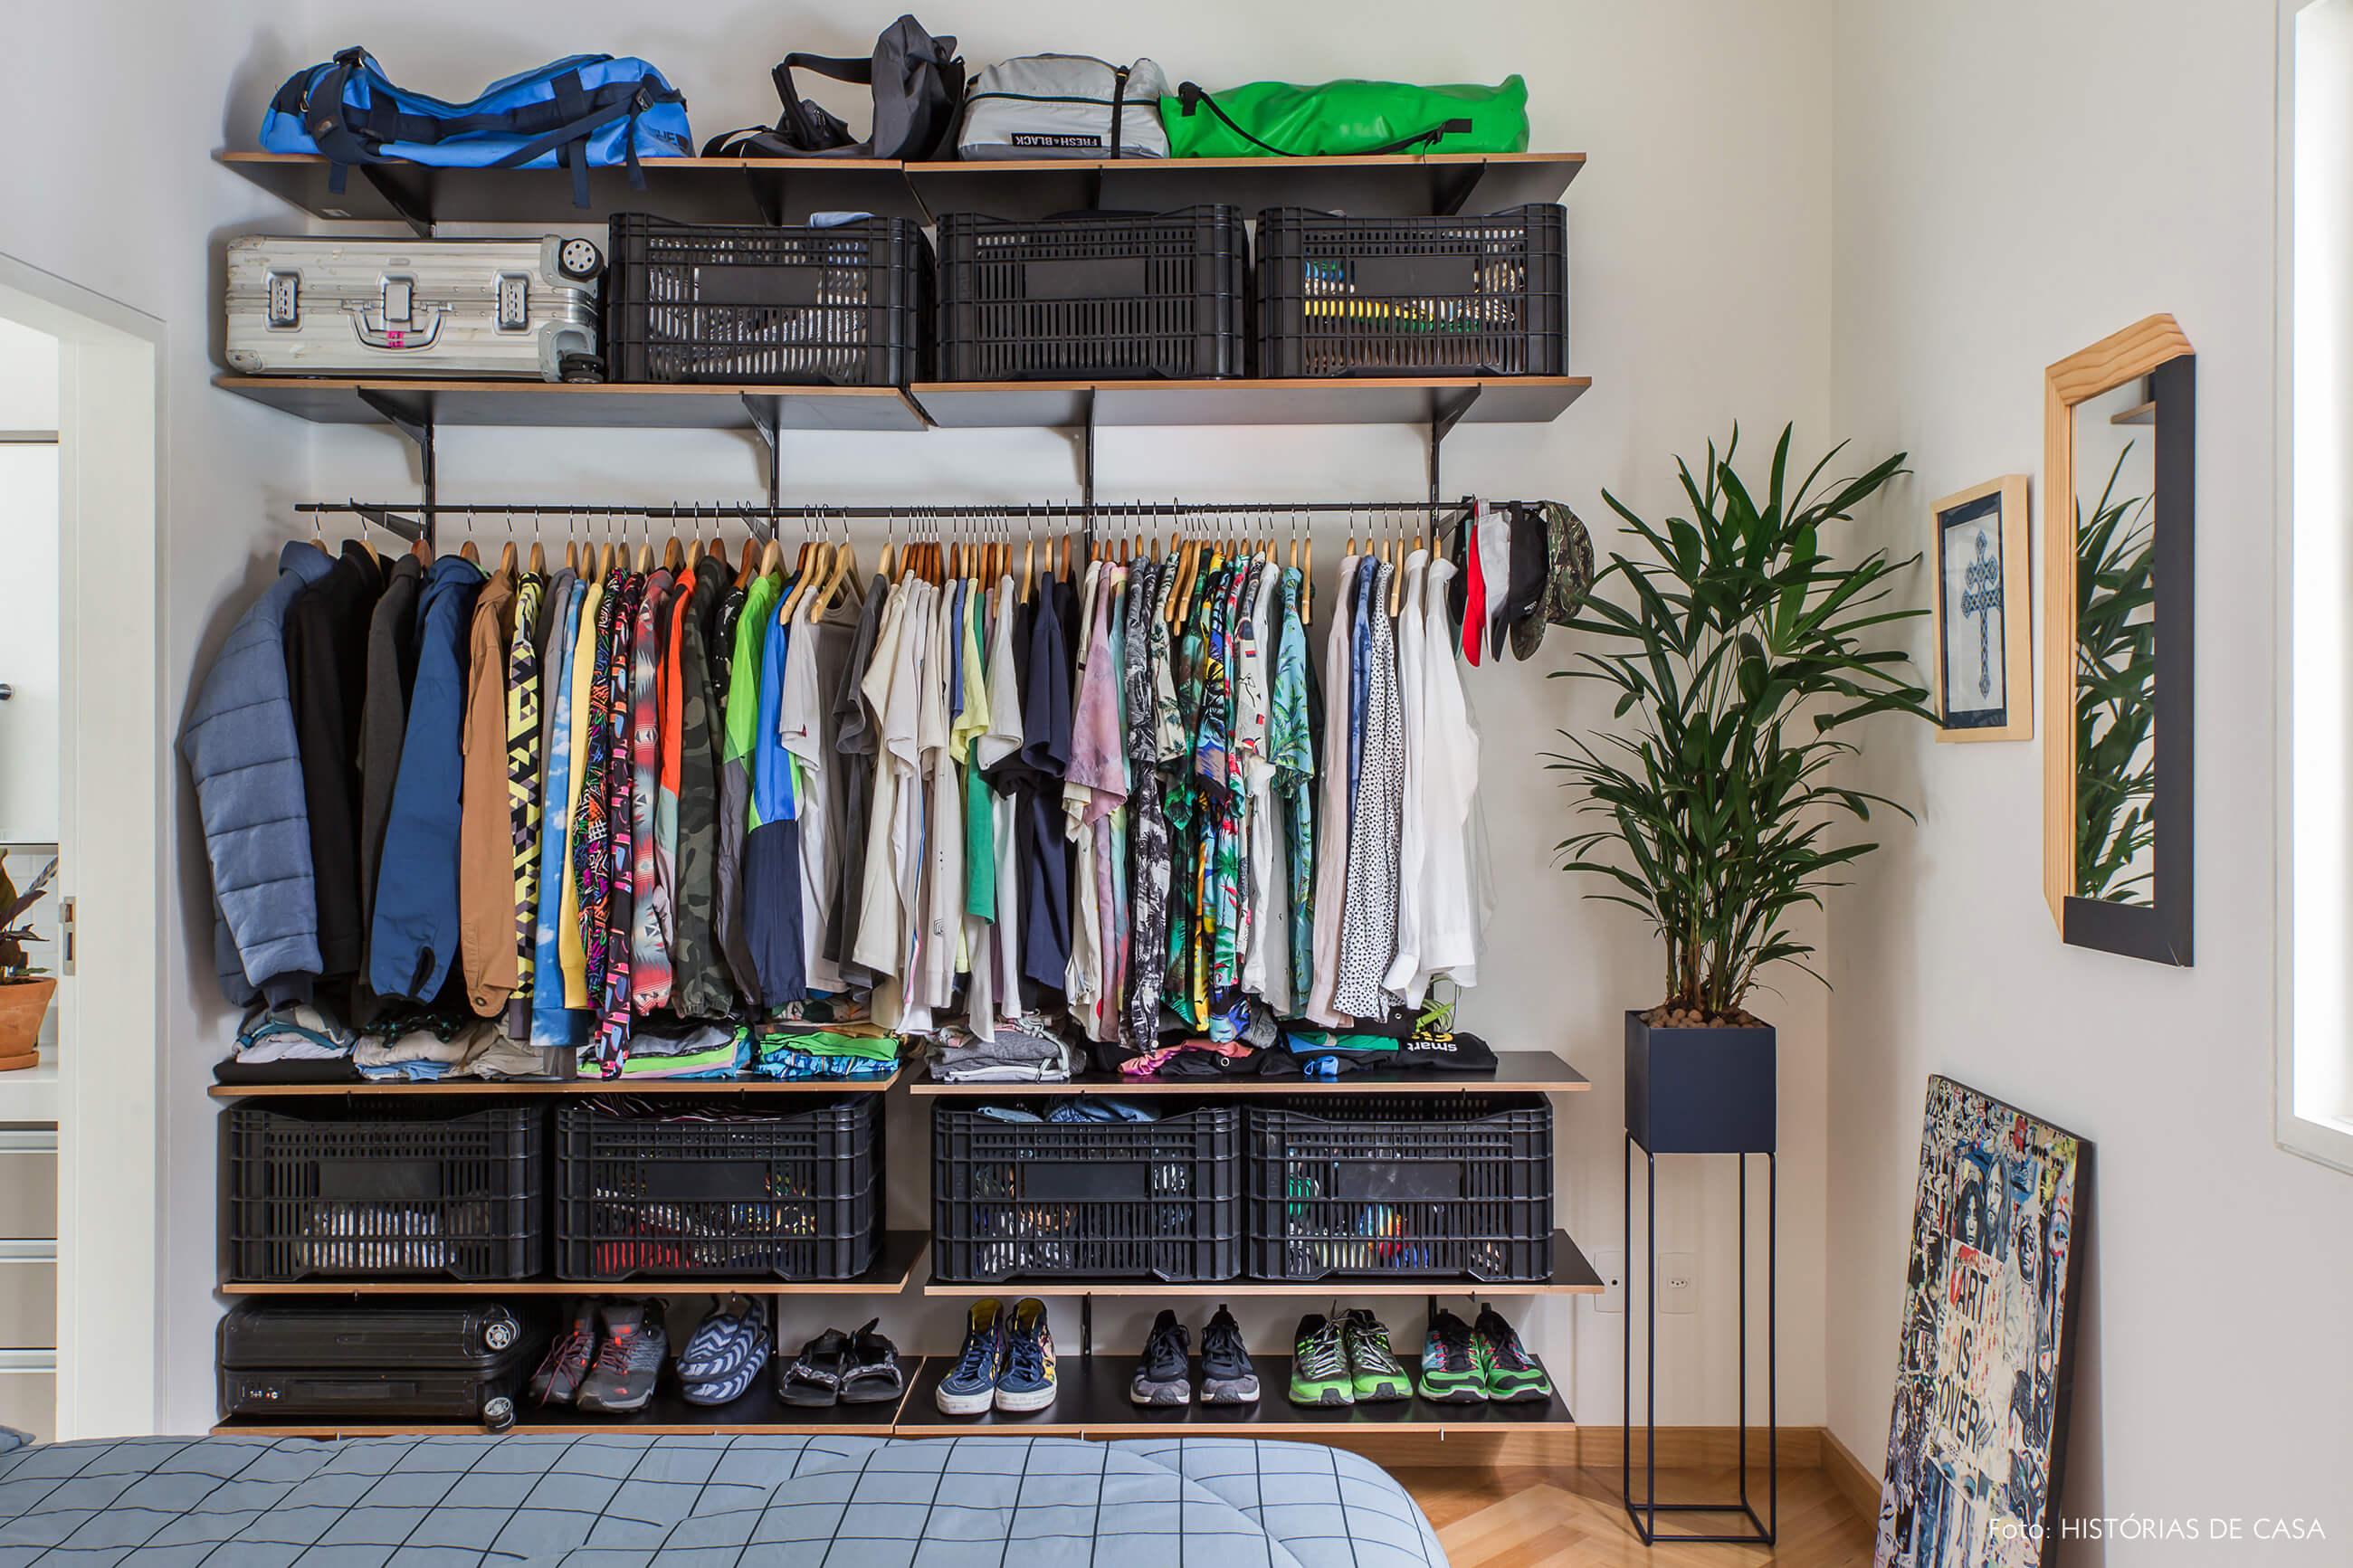 Apartamento alugado com quarto integrado, armário aberto DIY